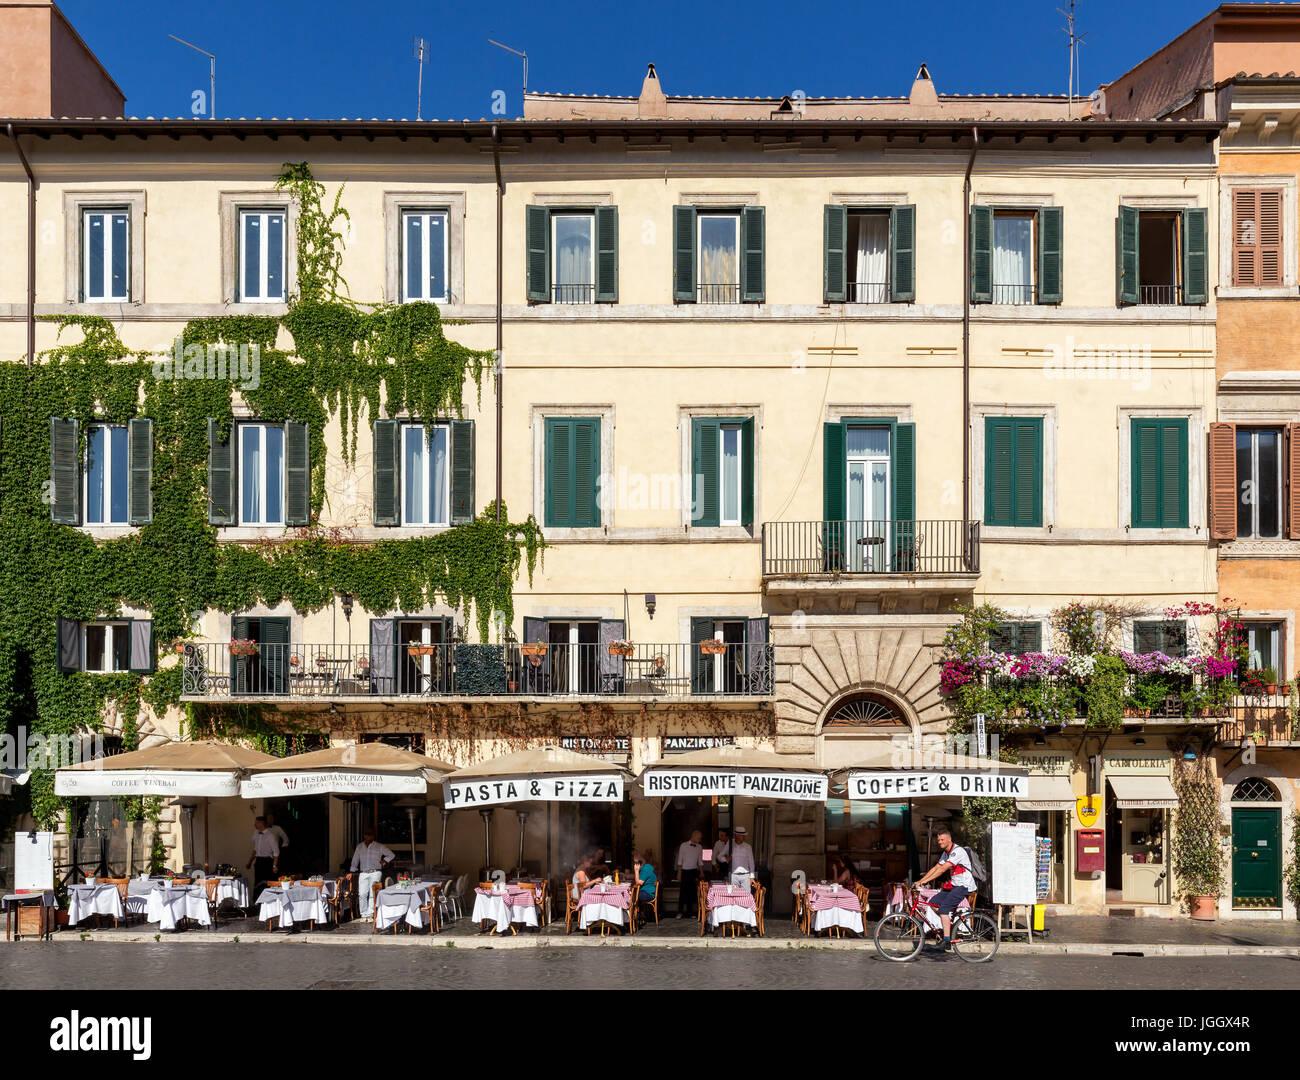 Restaurant Panzirone, Piazza Navona, Rom, Latium, Italien Stockbild